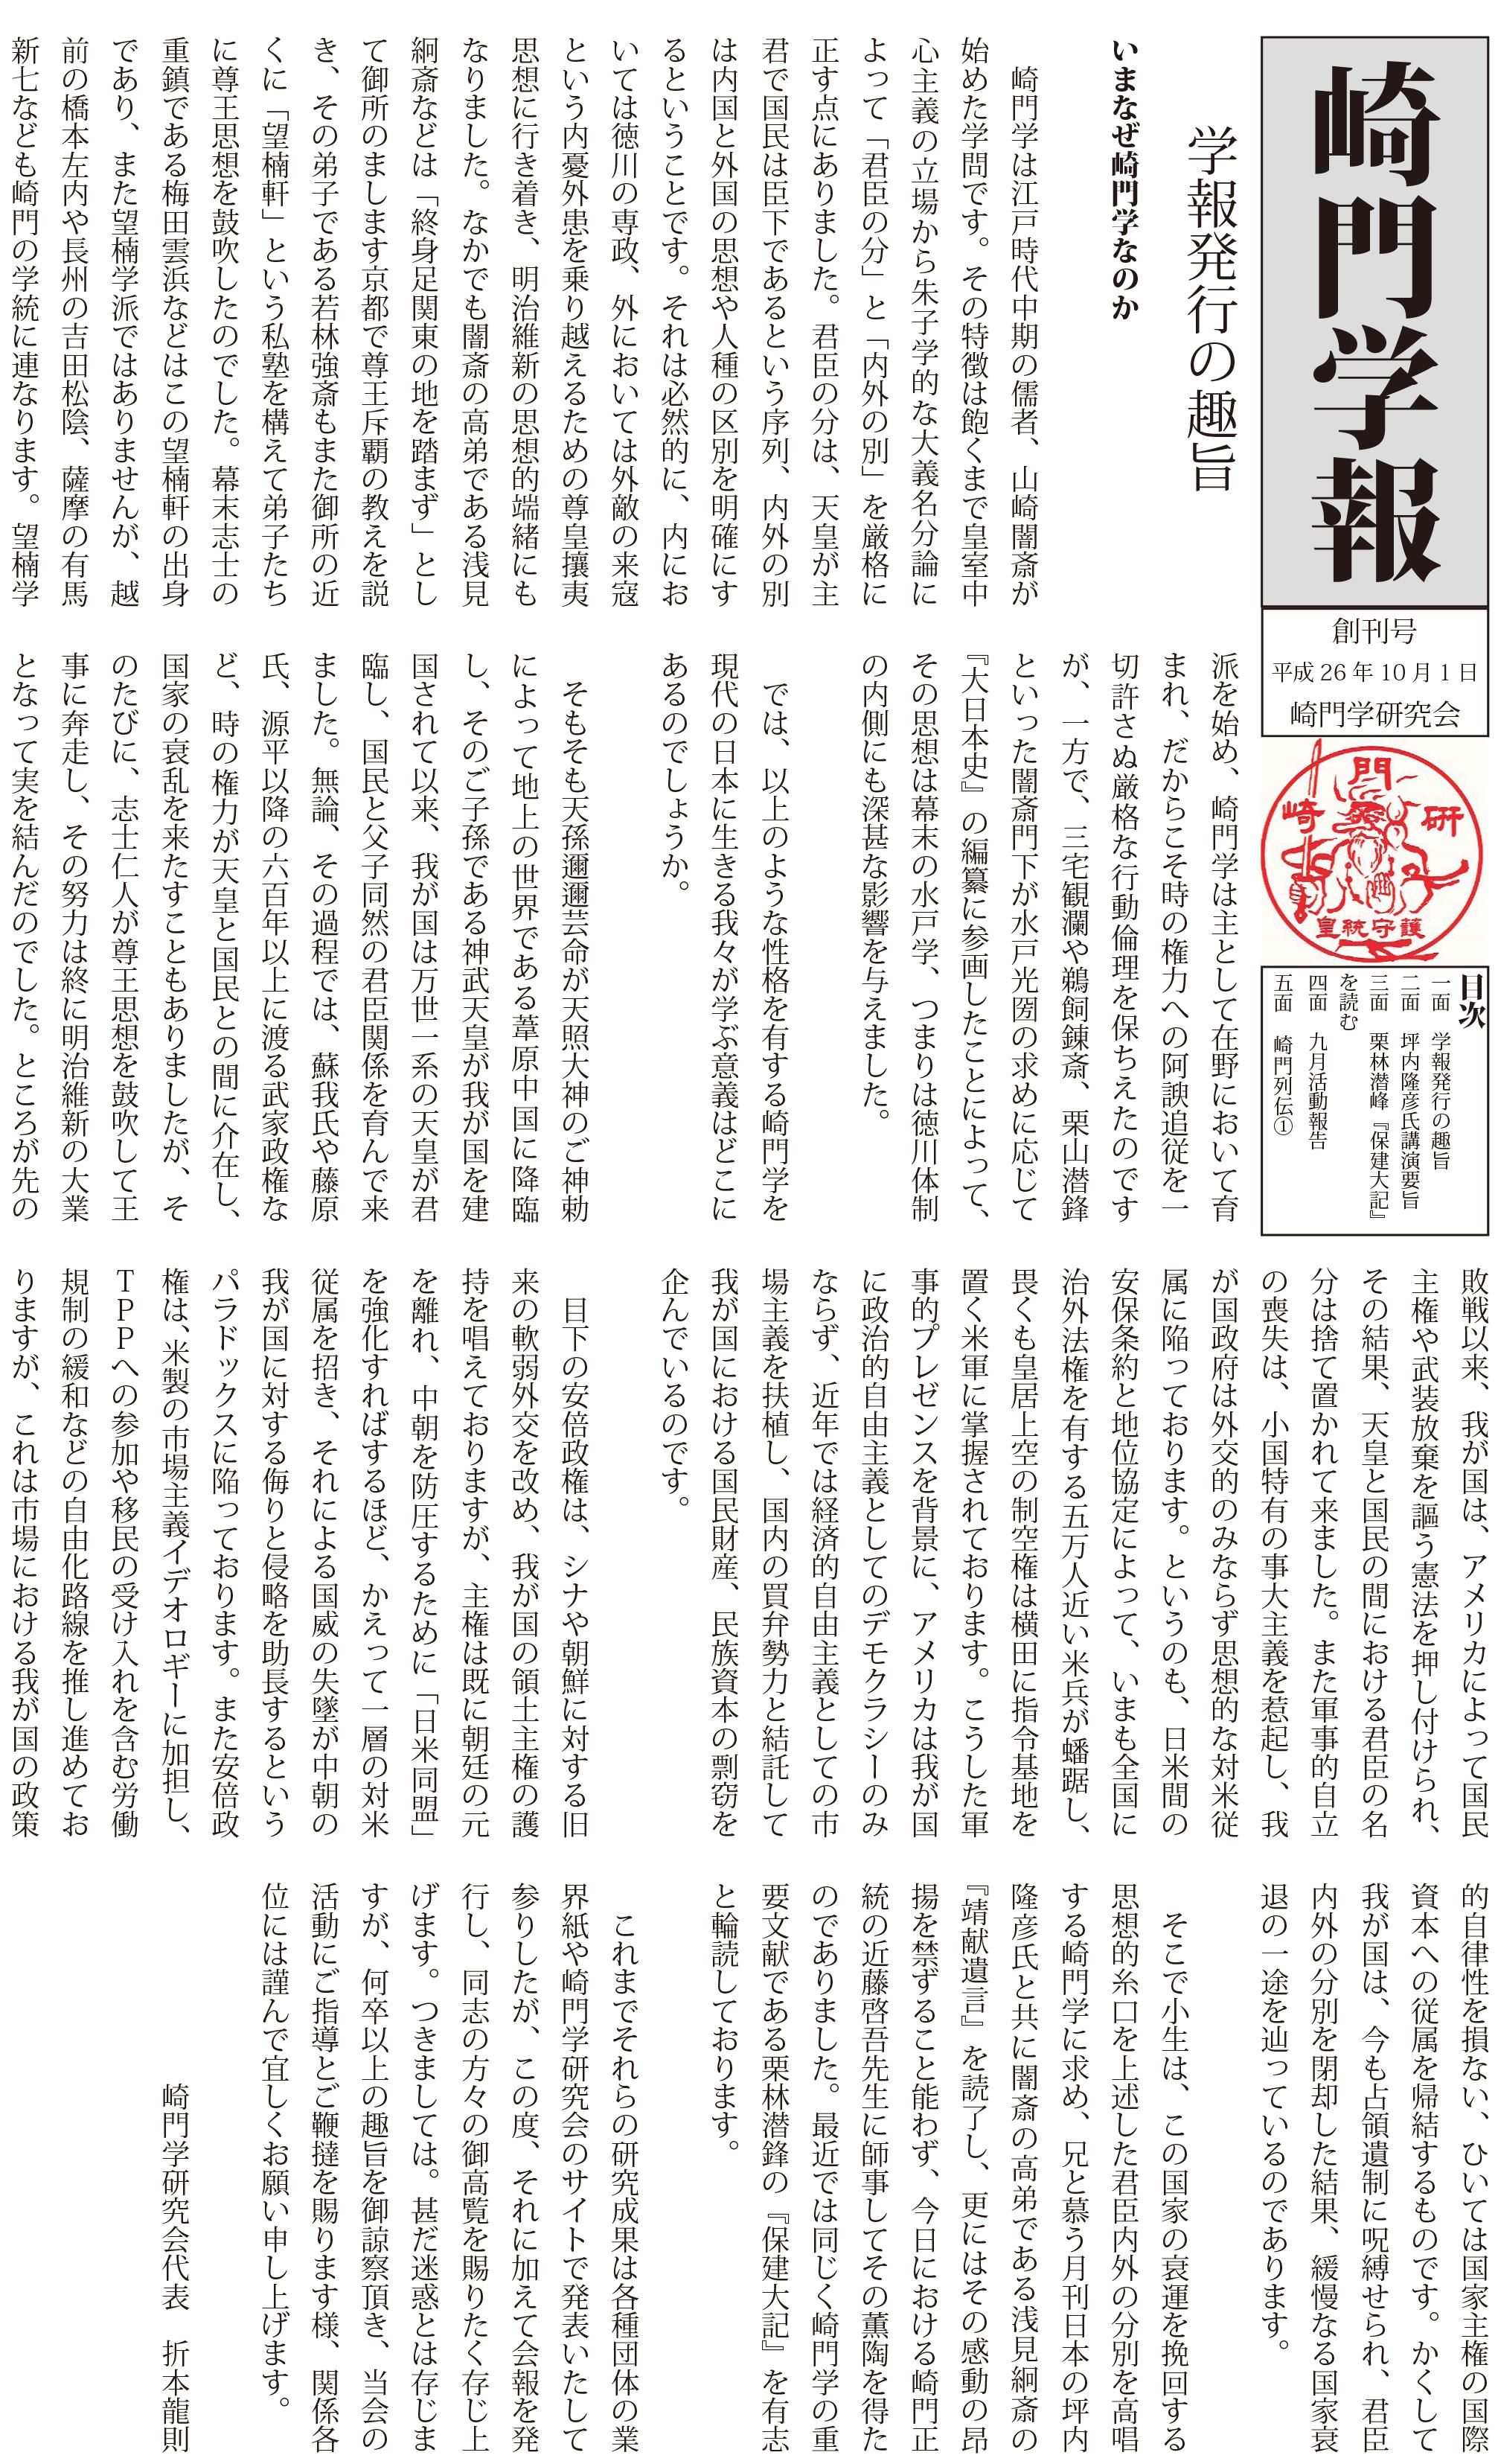 『崎門学報』創刊号・ダウンロード販売